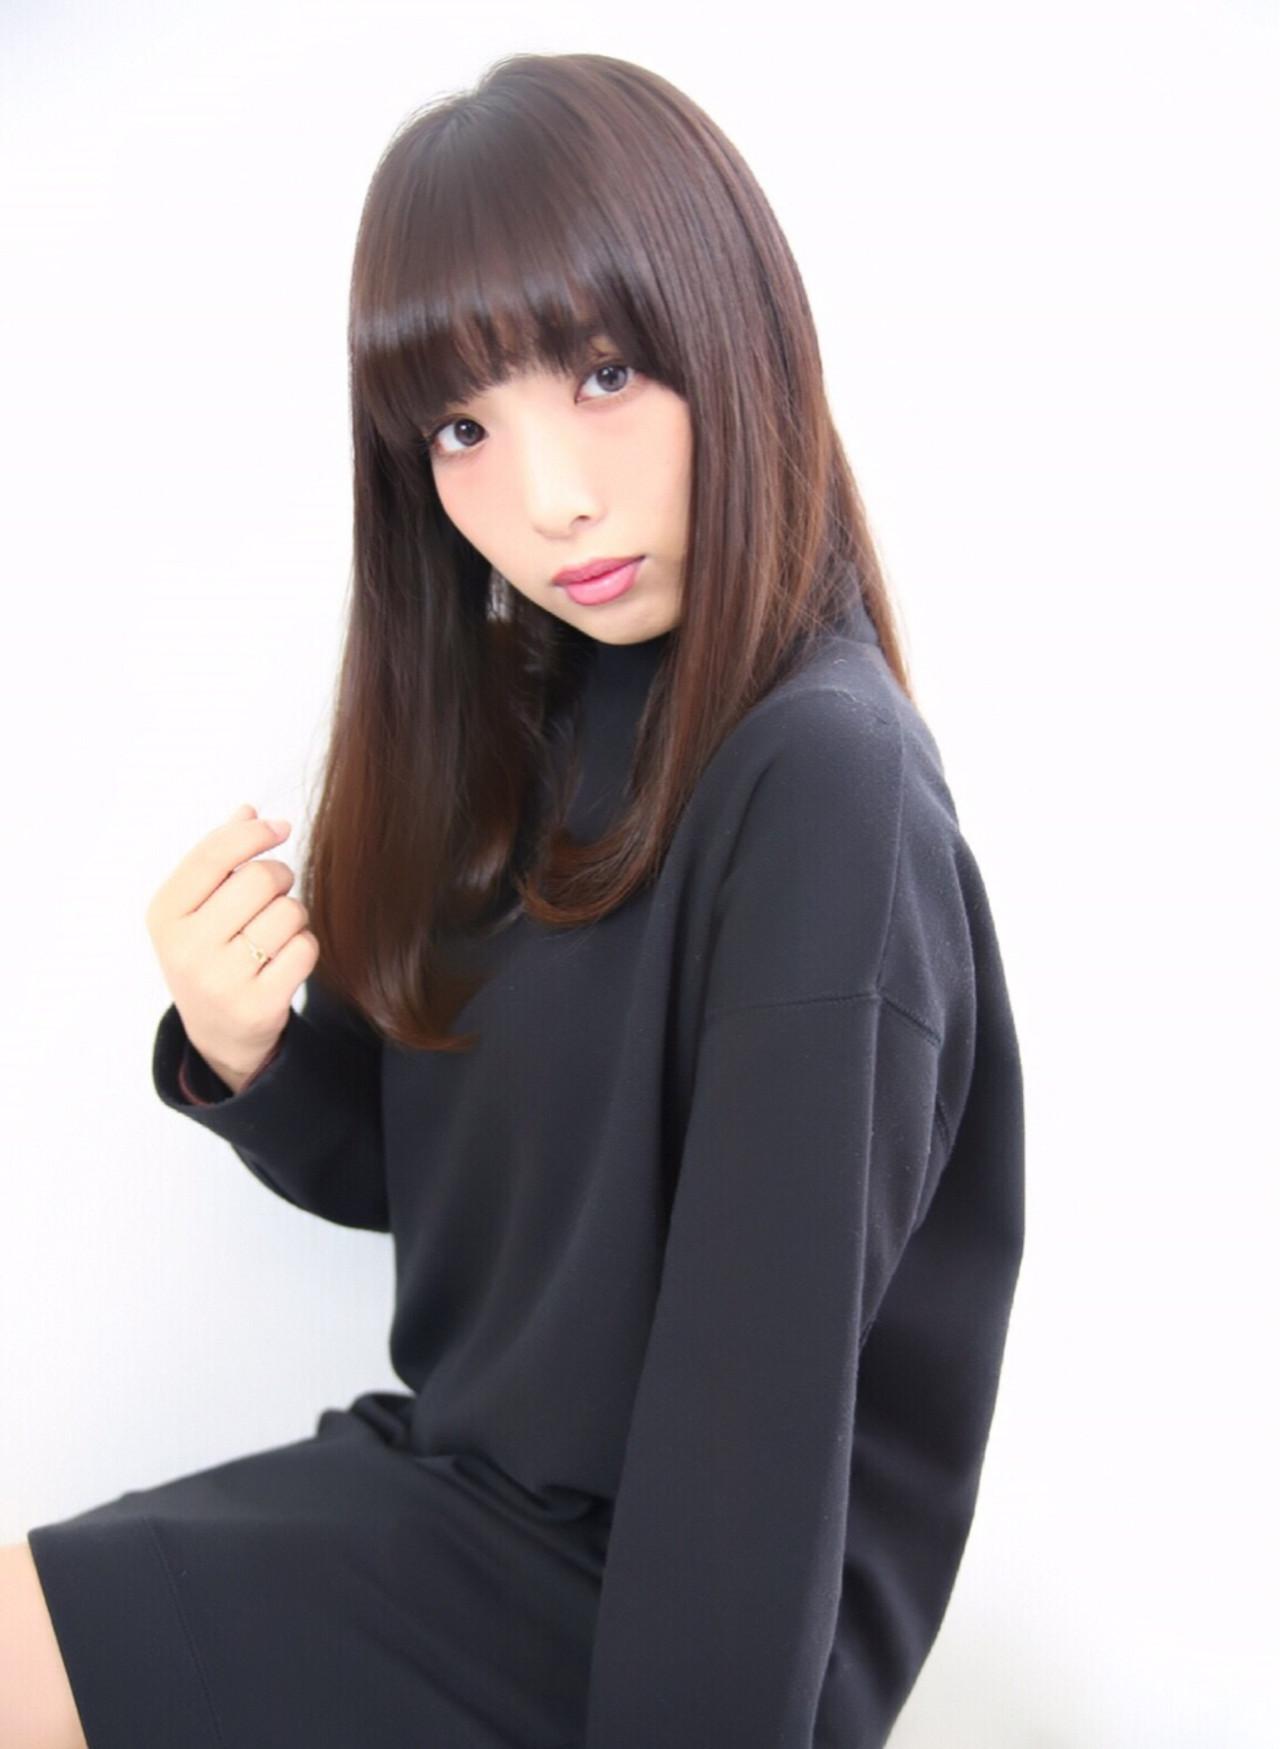 オルチャン×黒髪ミディアムで内巻きワンカール Obayashi Natsumi